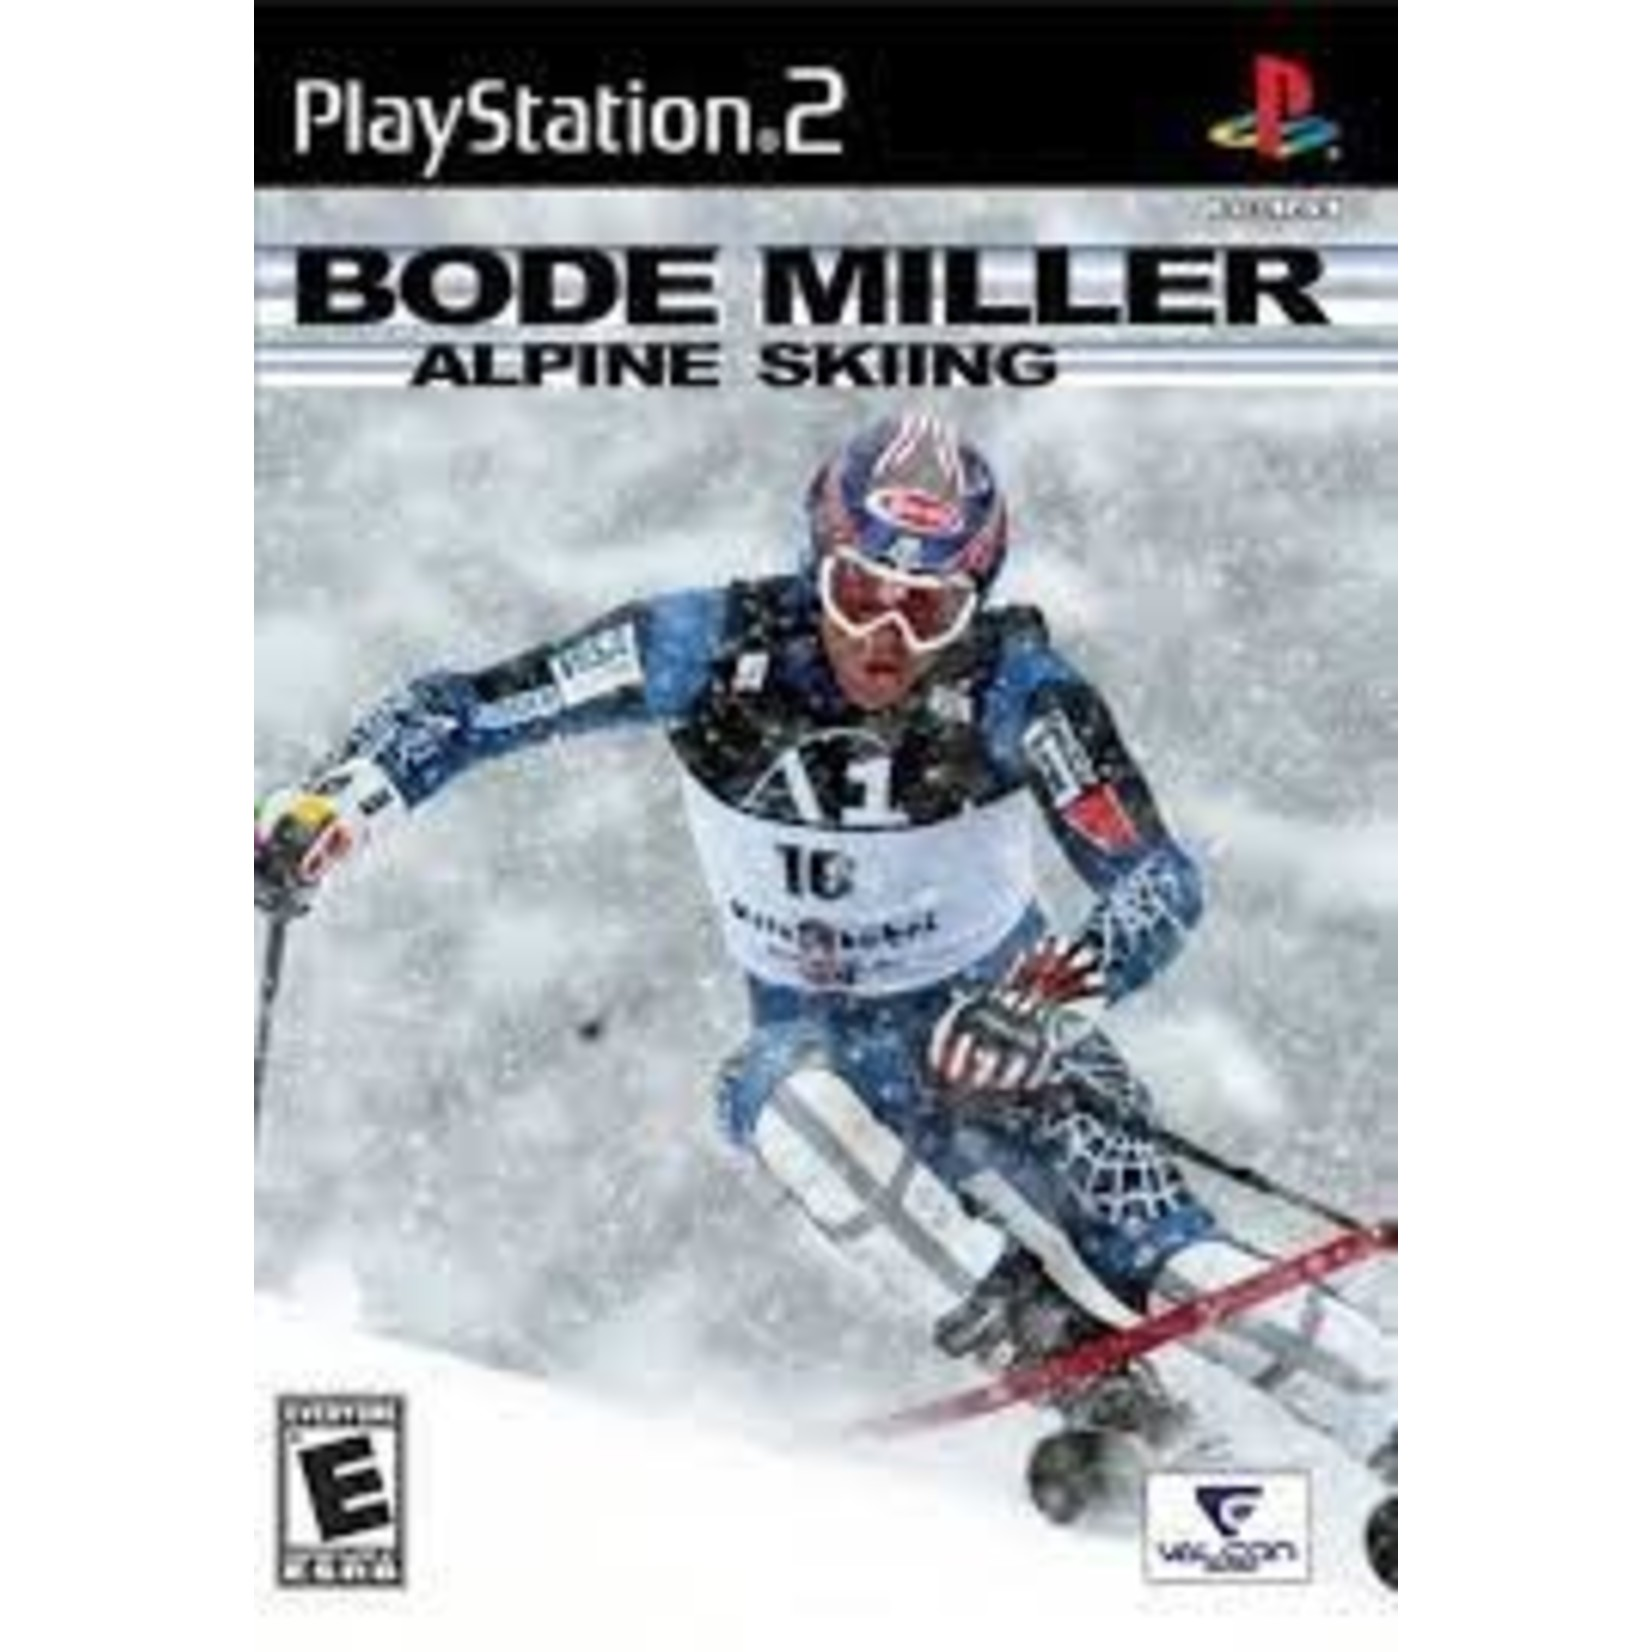 PS2U-Bode Miller Alpine Skiing